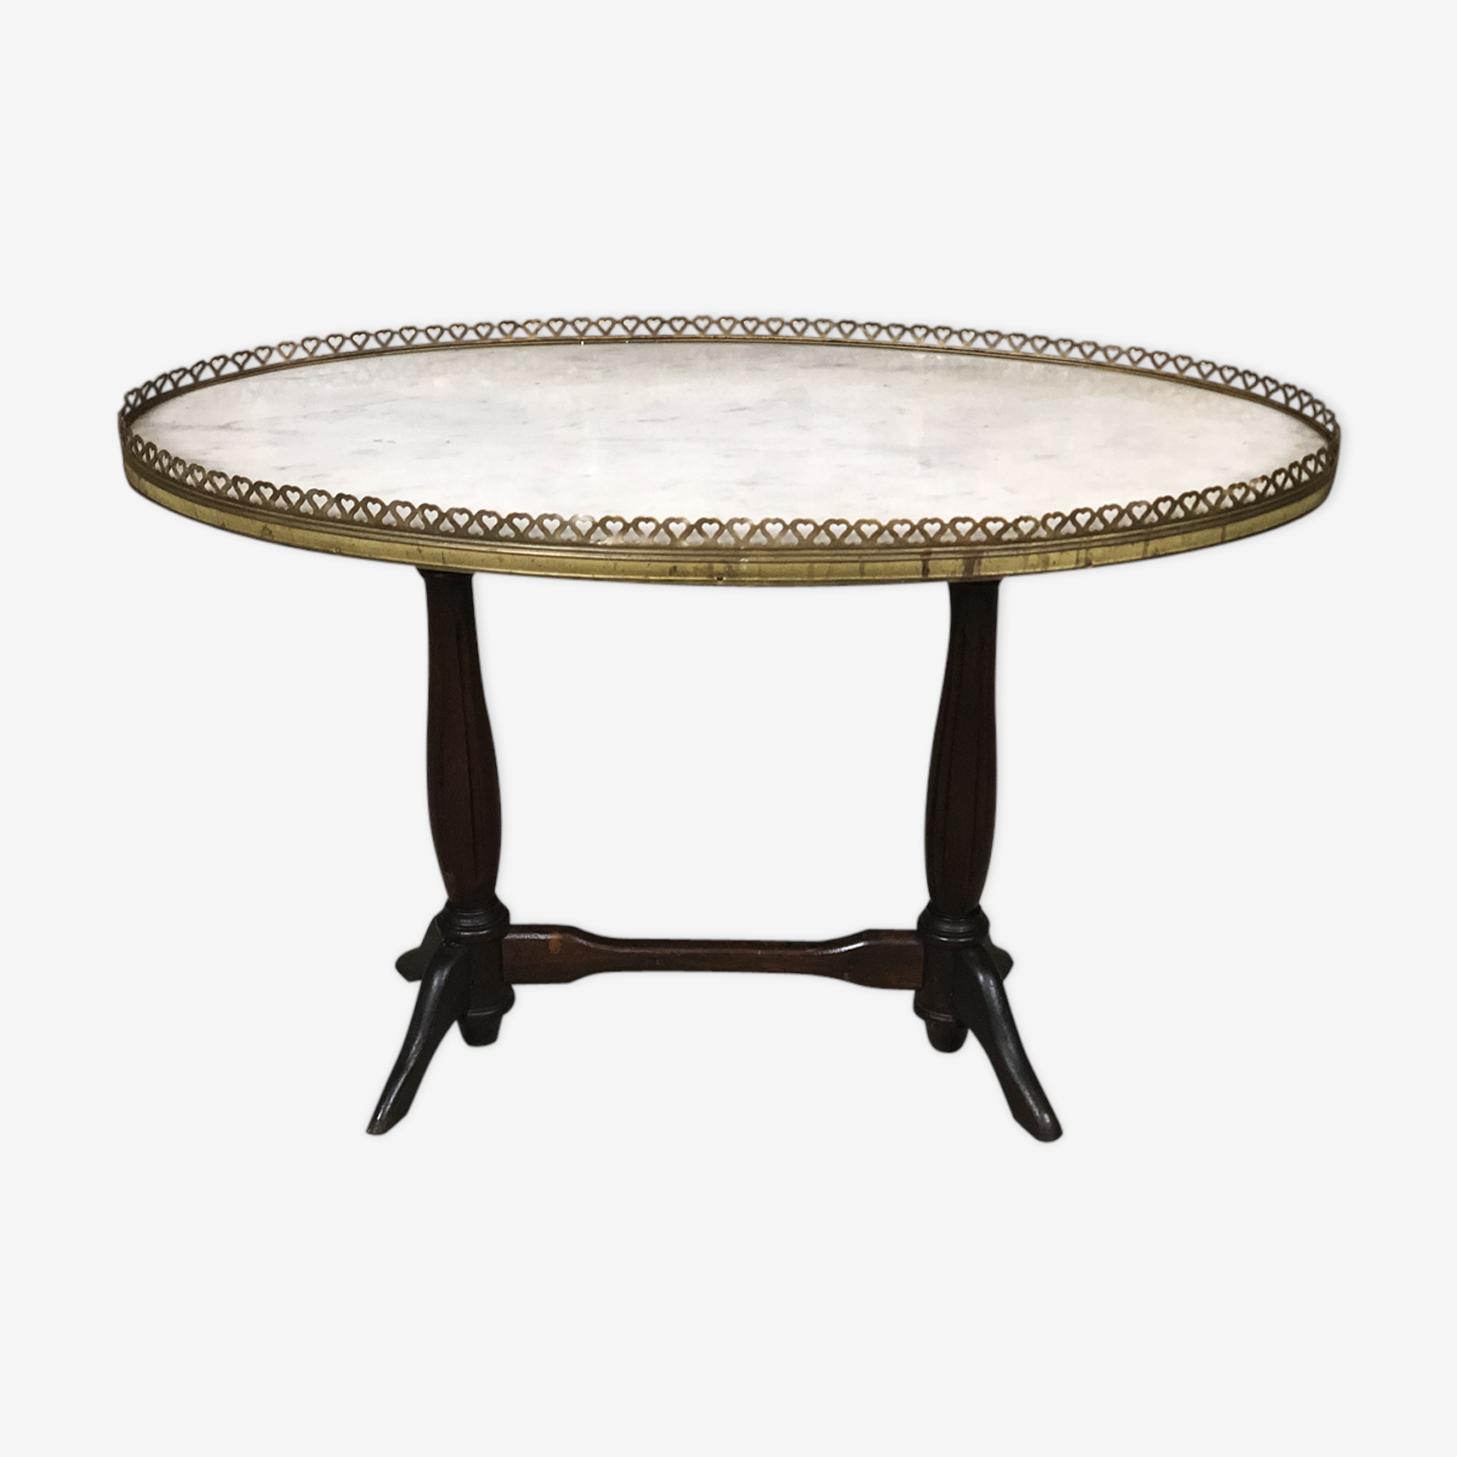 Table basse sur pied double cerclée galerie laiton, dessus marbre